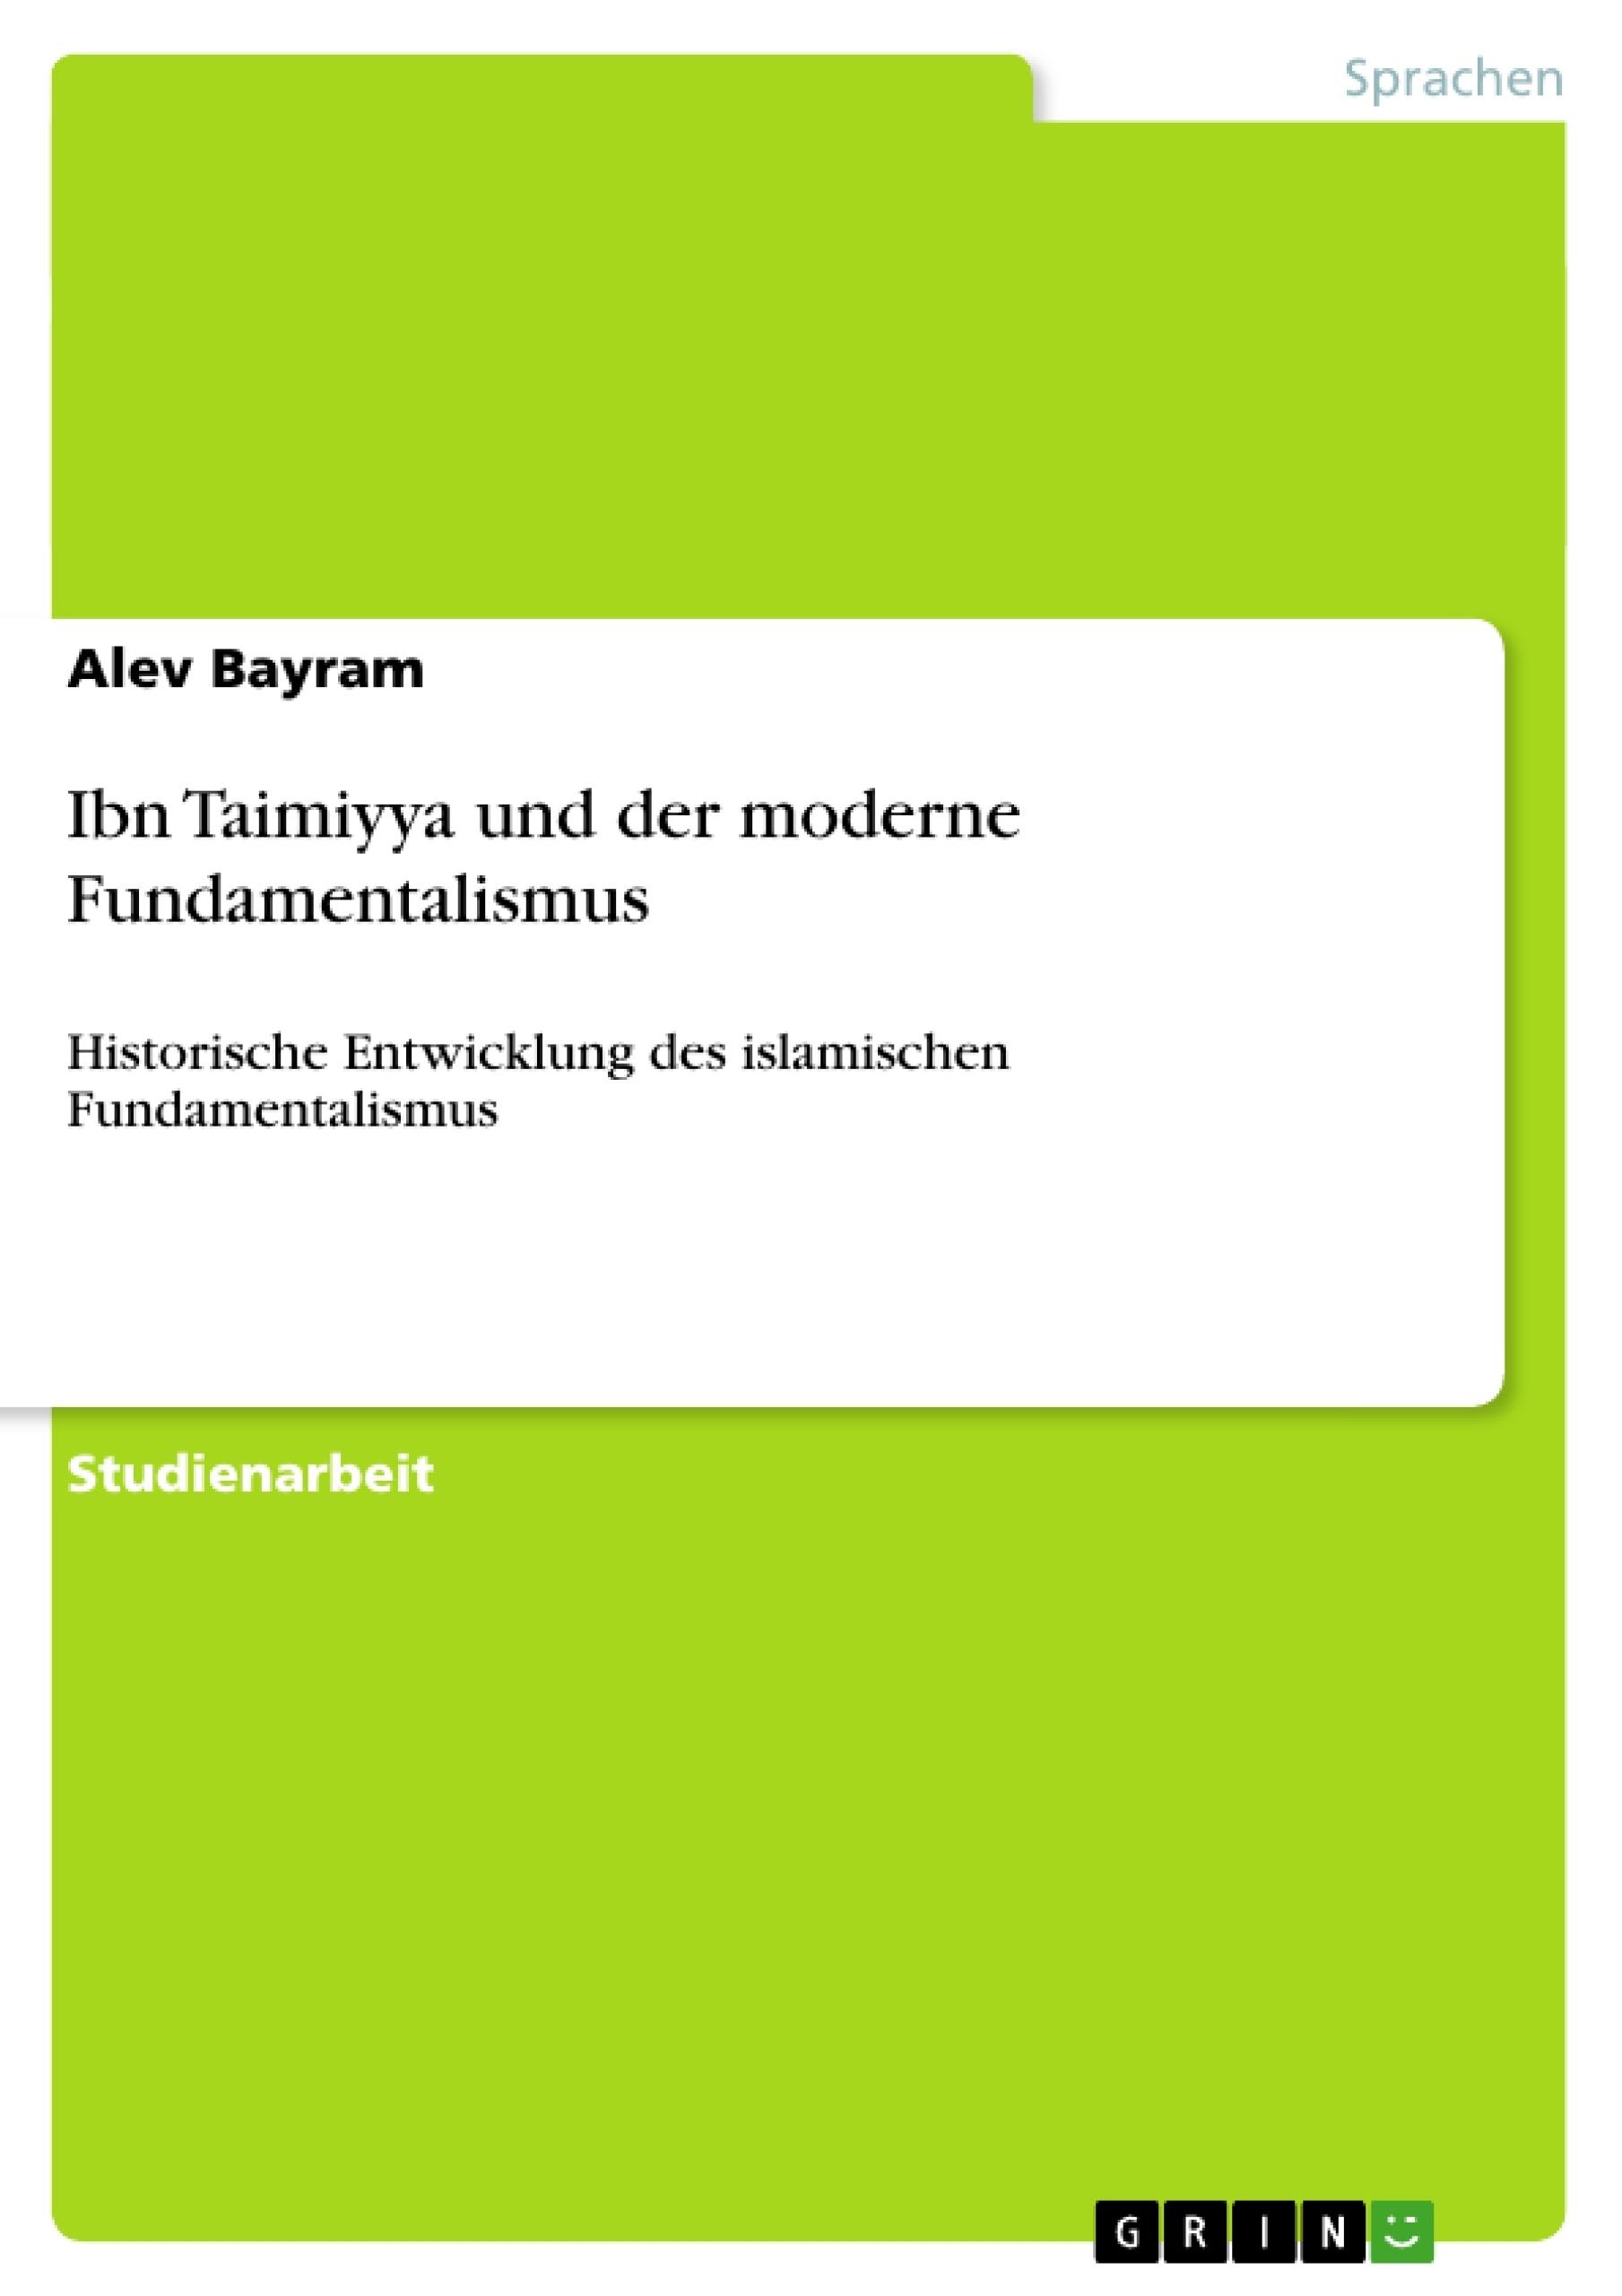 Titel: Ibn Taimiyya und der moderne Fundamentalismus